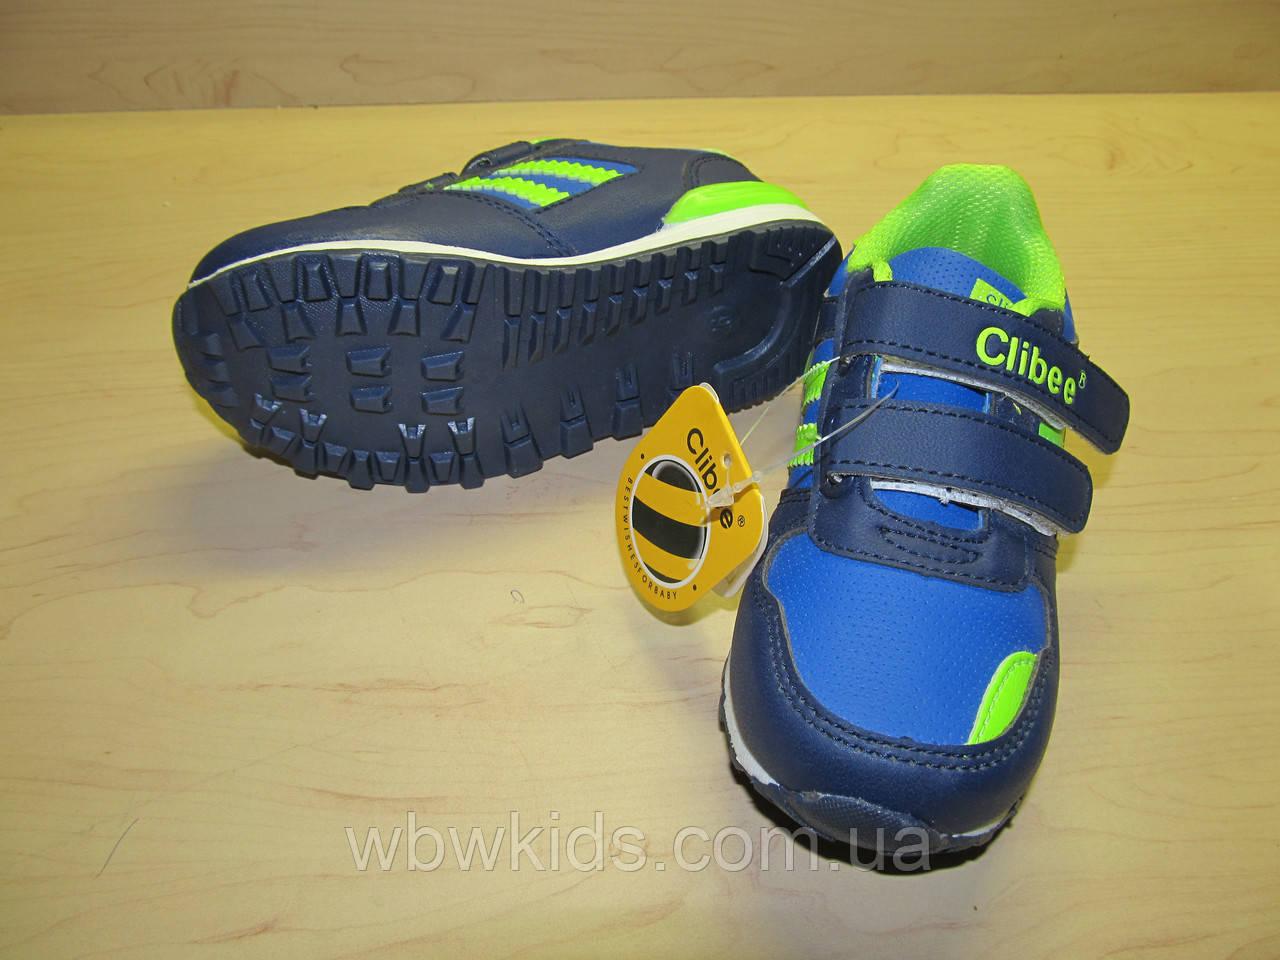 Кросівки Clibee F627 синьо-зелені 23 р.  продажа c3e00cedc380c